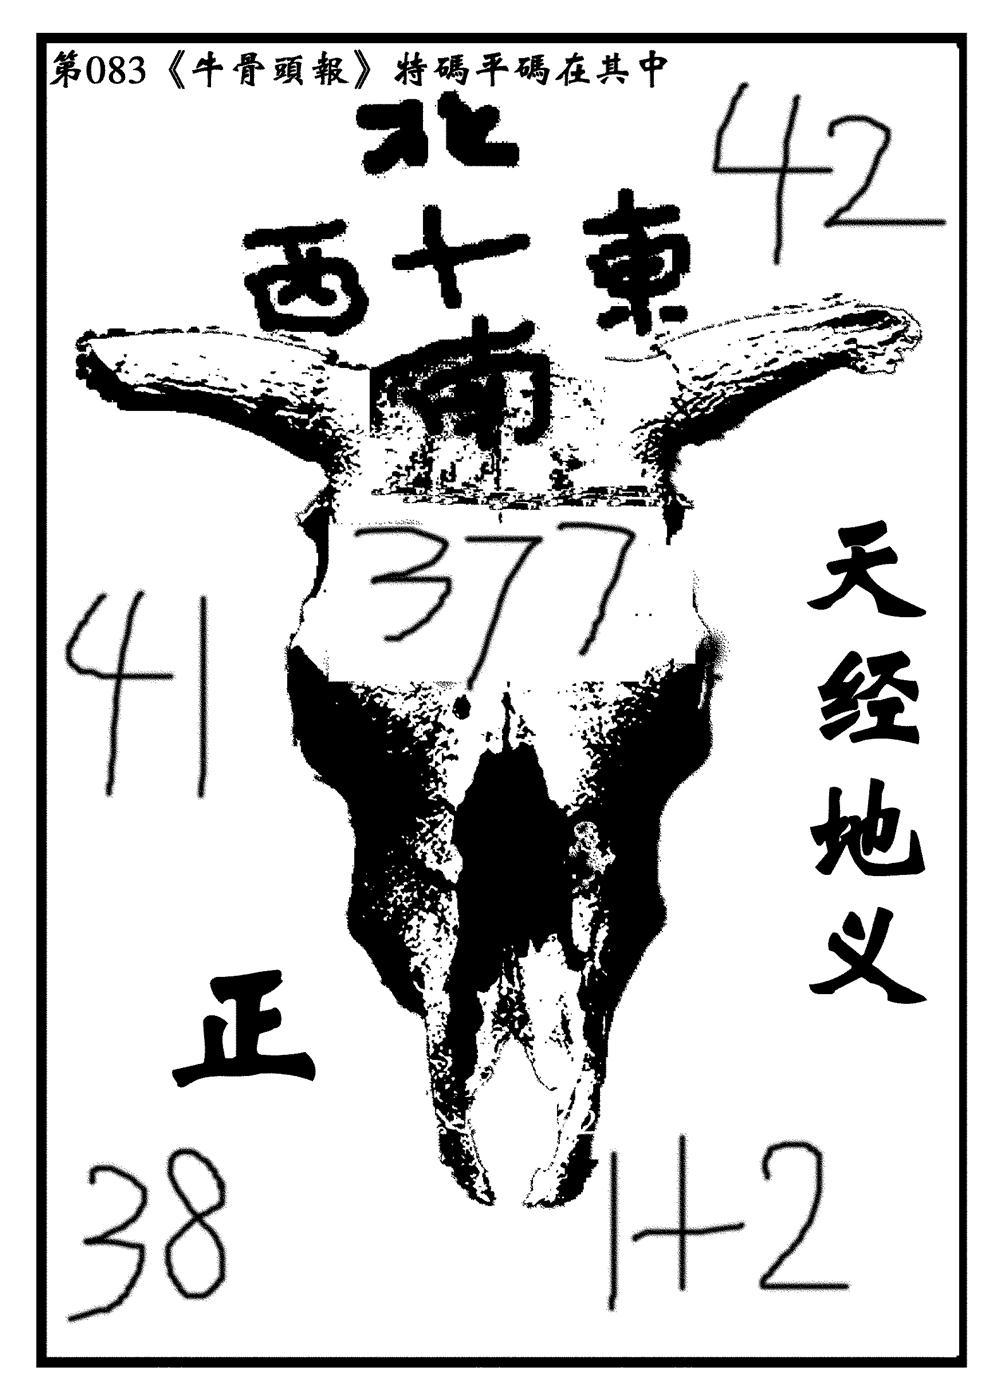 083期牛头报(黑白)